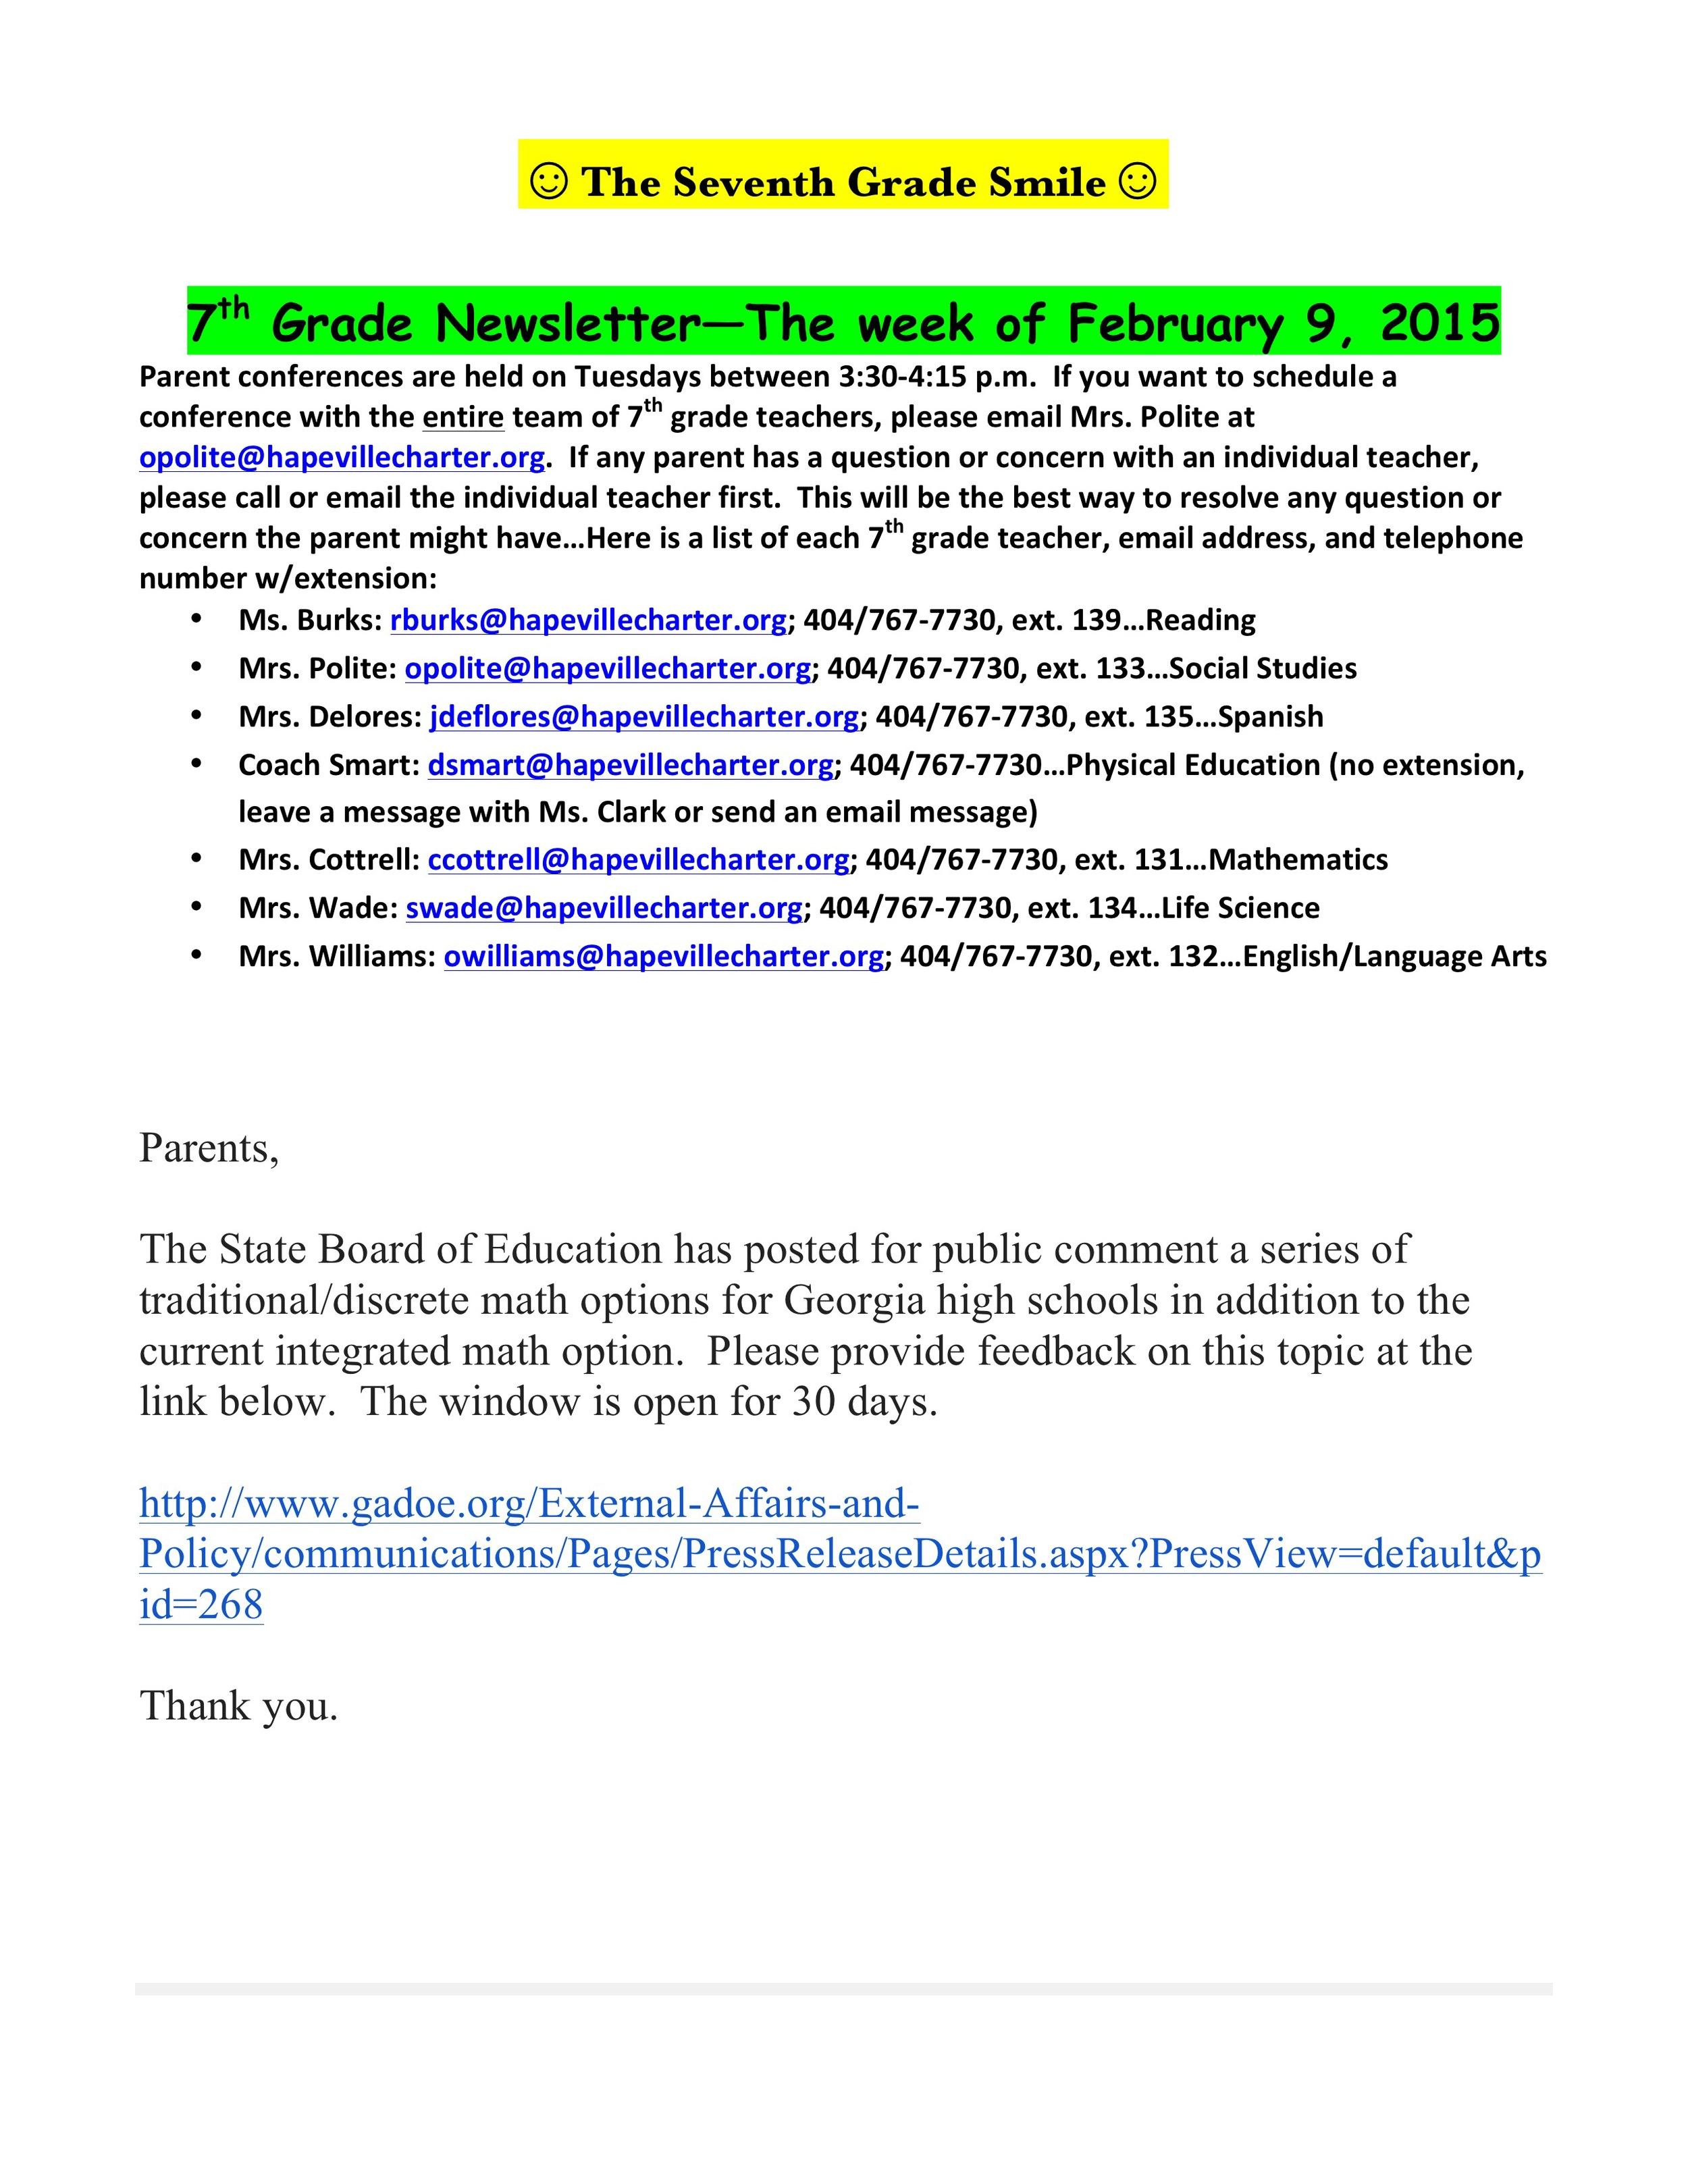 Newsletter Image7th grade February 9.jpeg